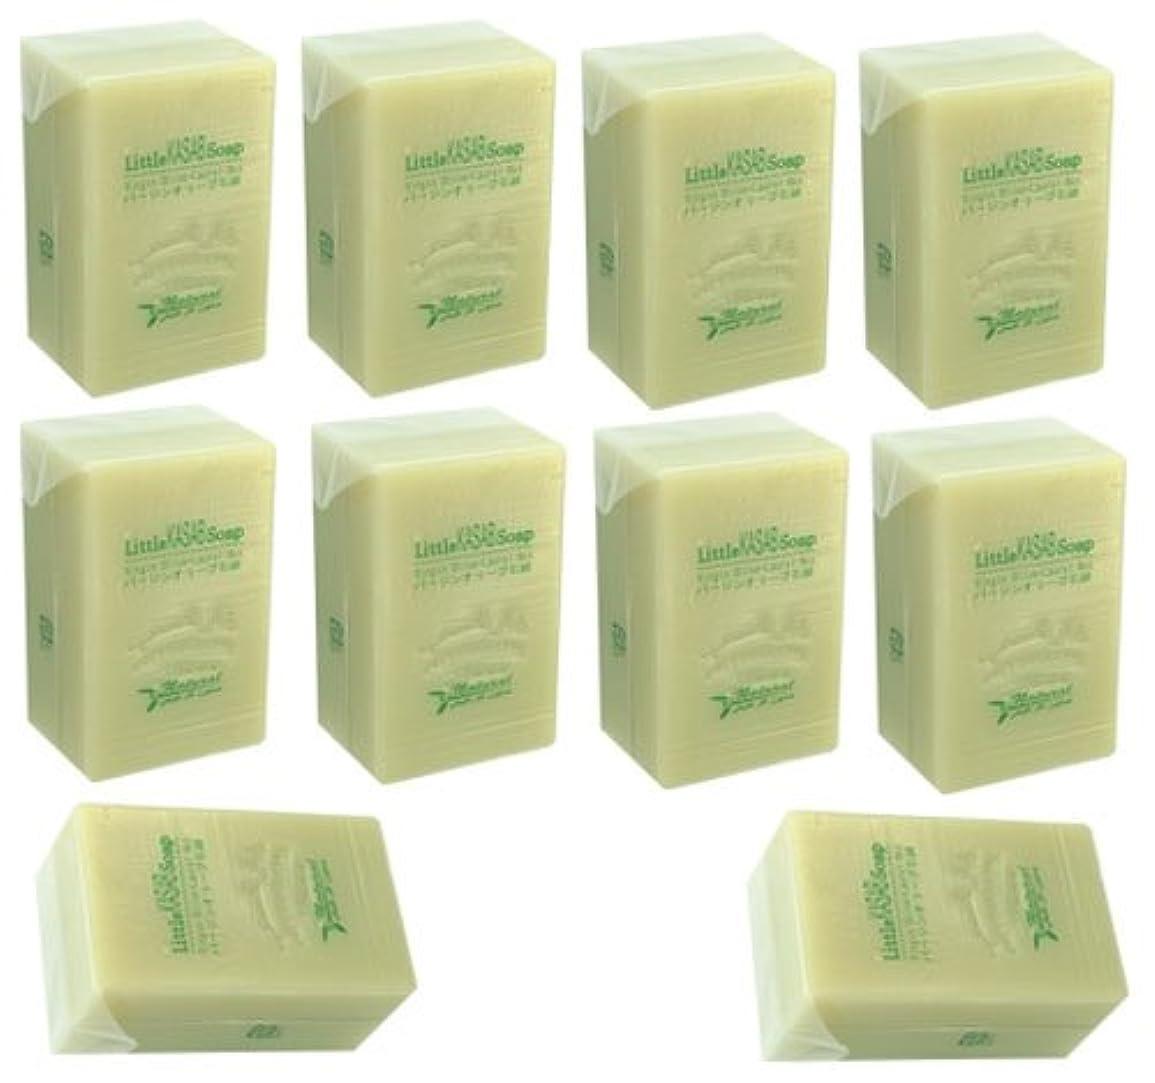 やりがいのある栄養代表団リトルカサブ石鹸10個セット